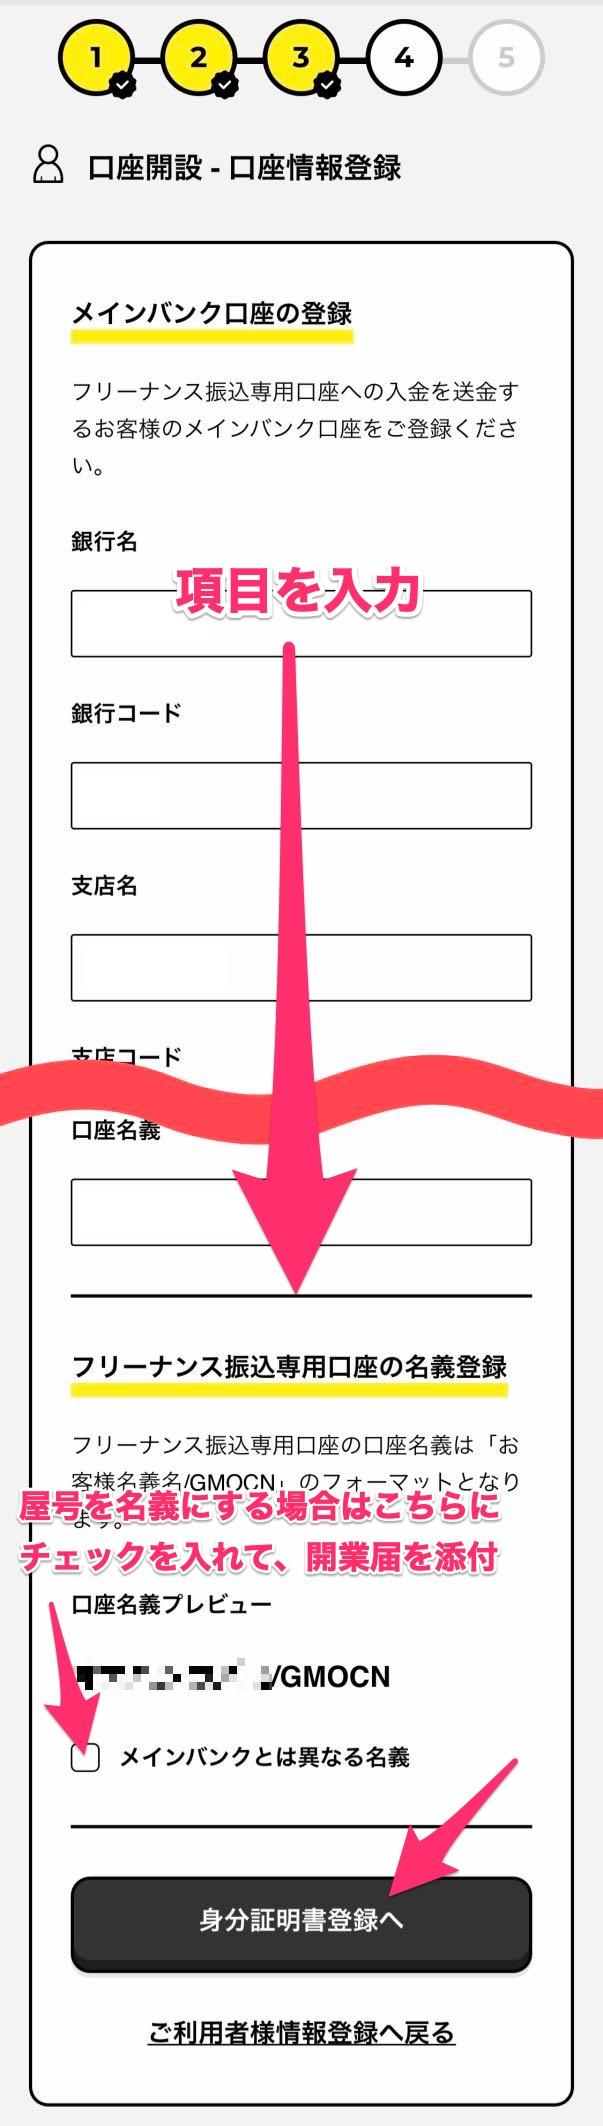 フリーナンスのアカウント登録 口座情報の追加